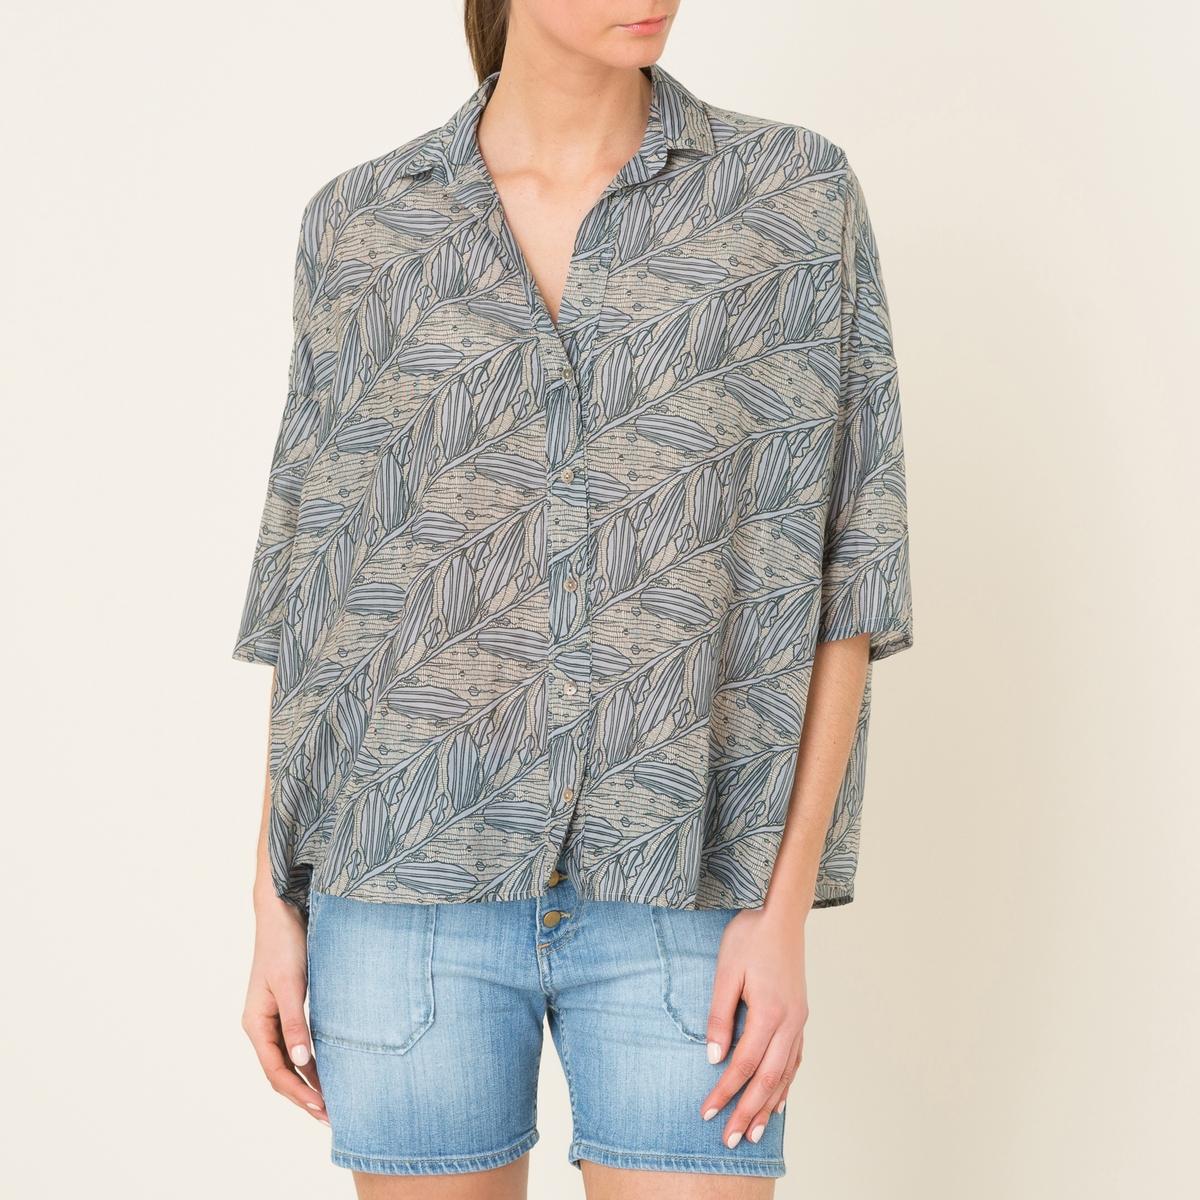 Рубашка свободная CLARAСвободная рубашка DIEGA - модель CLARA из хлопка и шелка. Круглый вырез. Планка застежки на пуговицы. Рукава 3/4. Рубашечный низ. Длиннее сзади.Состав и описаниеМатериал : 70% хлопка, 30% шелкаМарка : DIEGA<br><br>Цвет: наб. рисунок синий